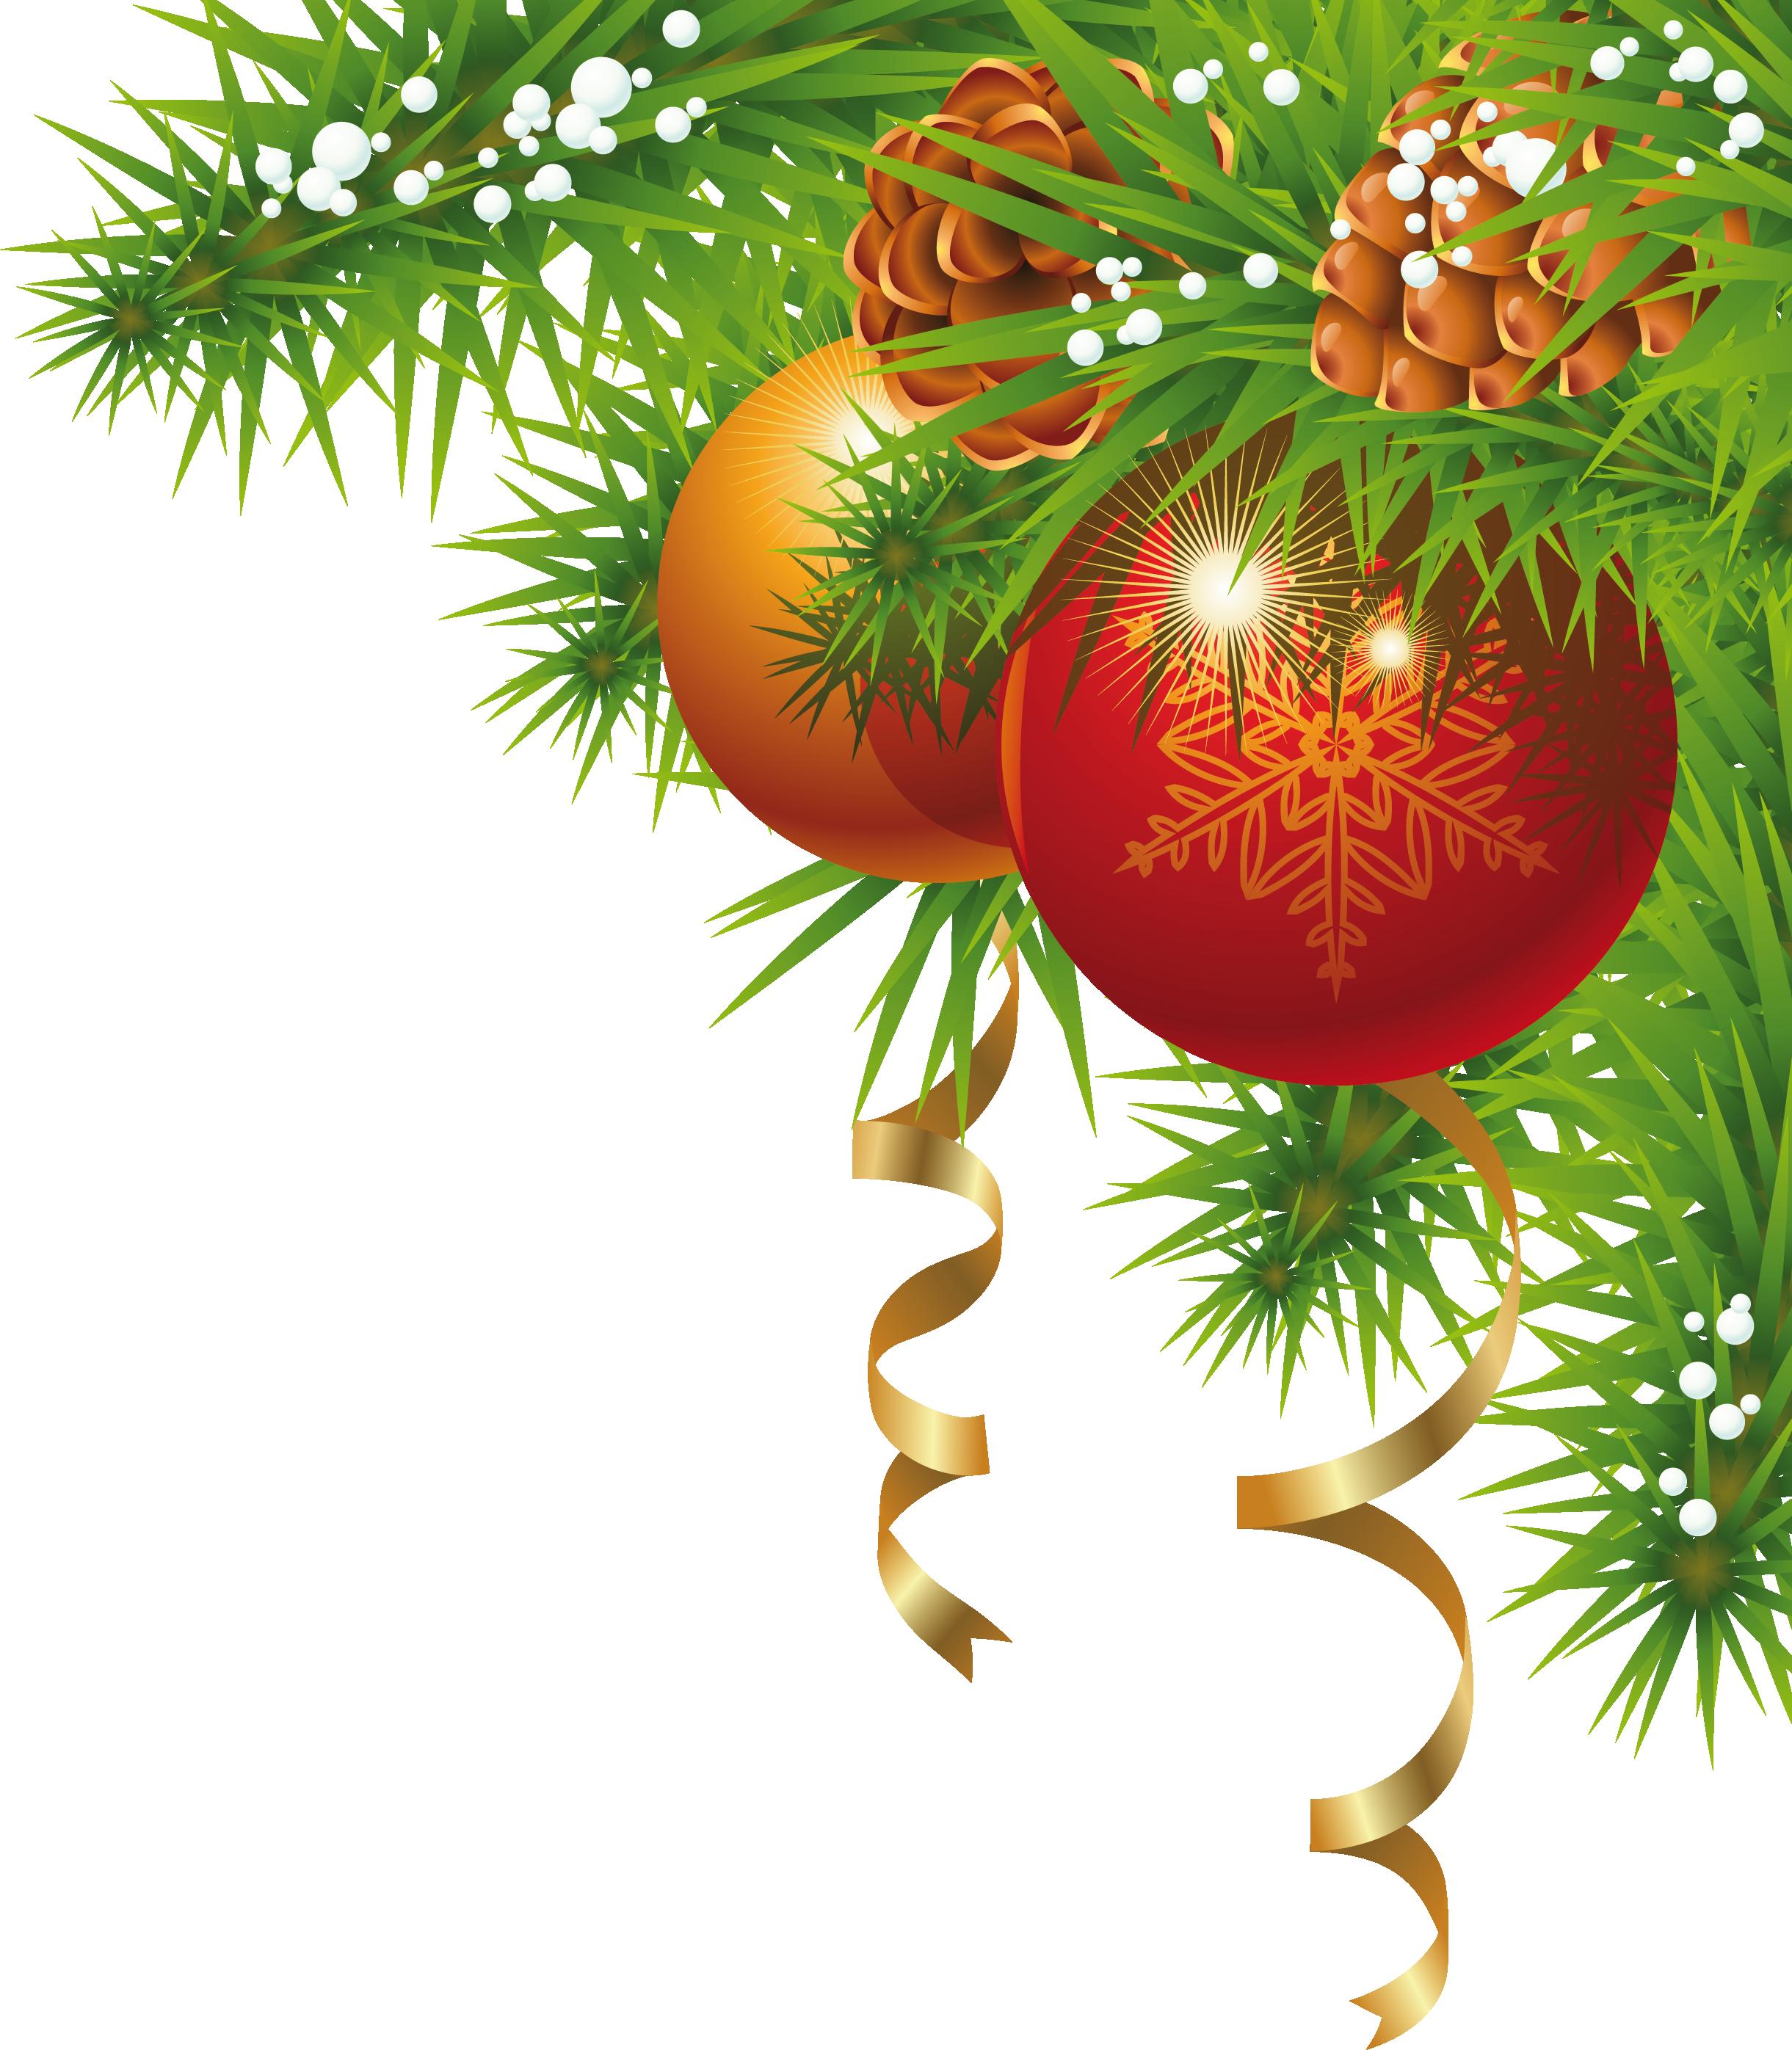 PNG File Name: Christmas Plus